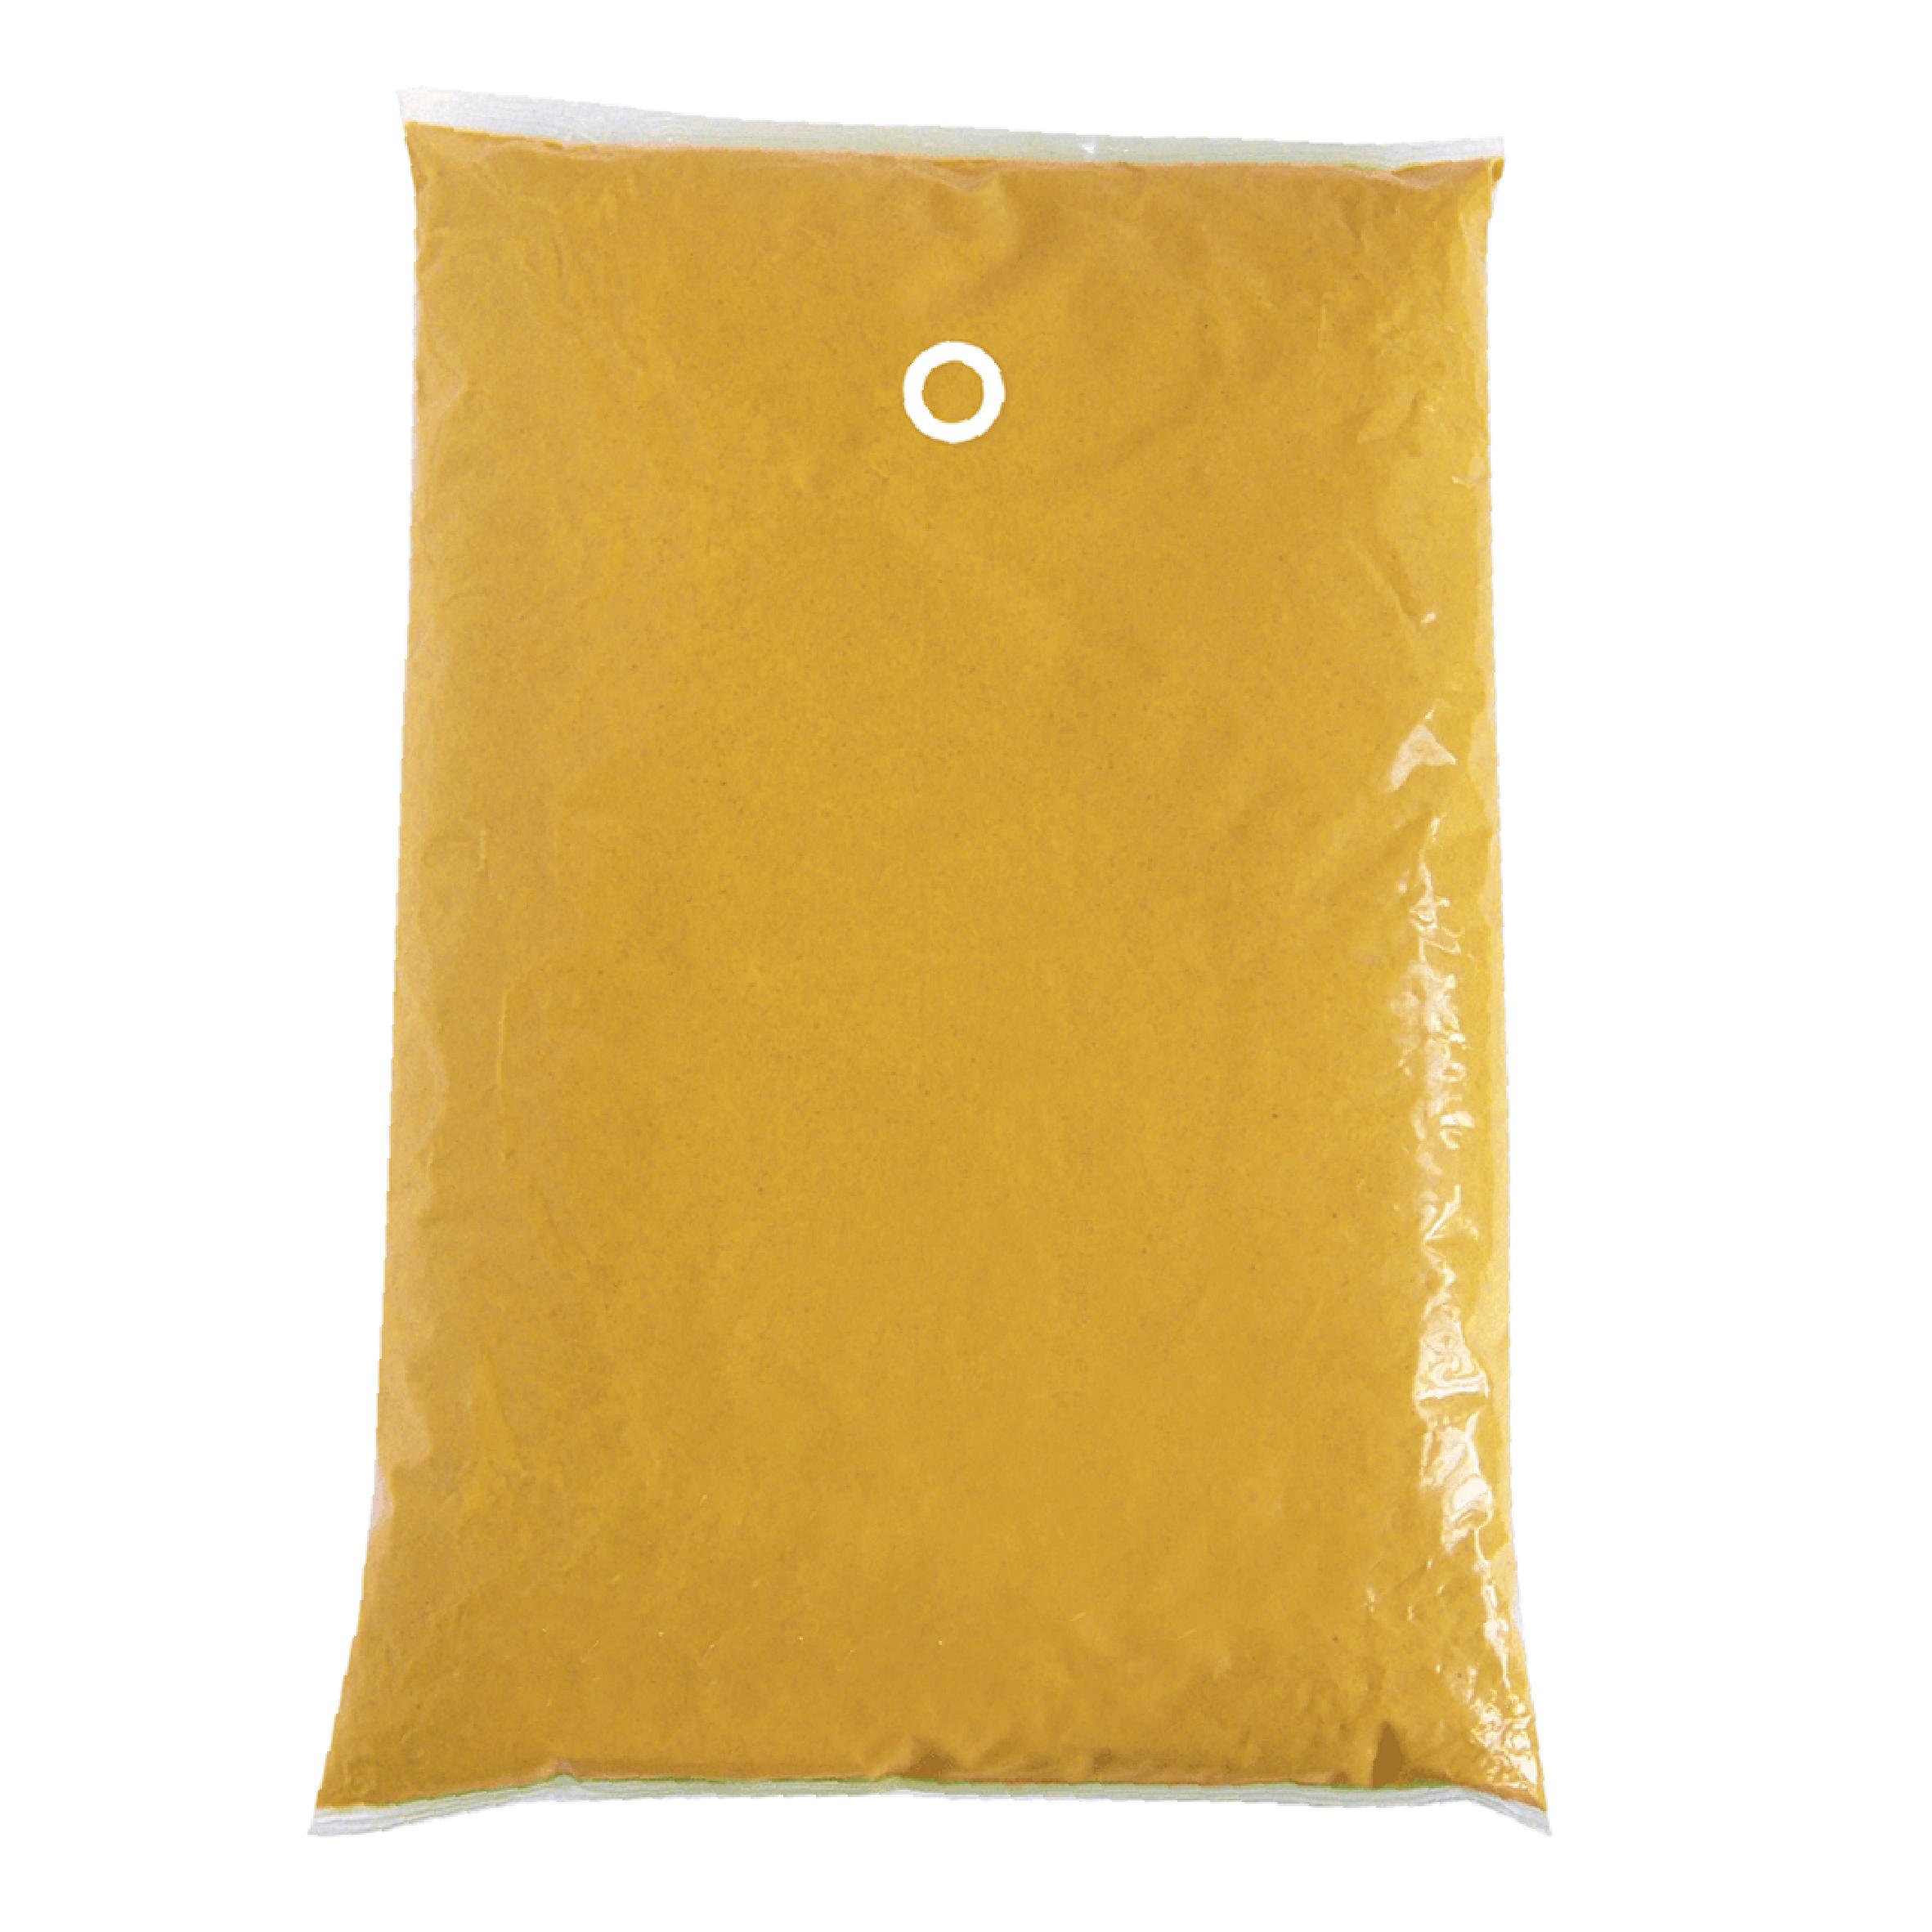 Musztarda Heinz 5L dyspenser